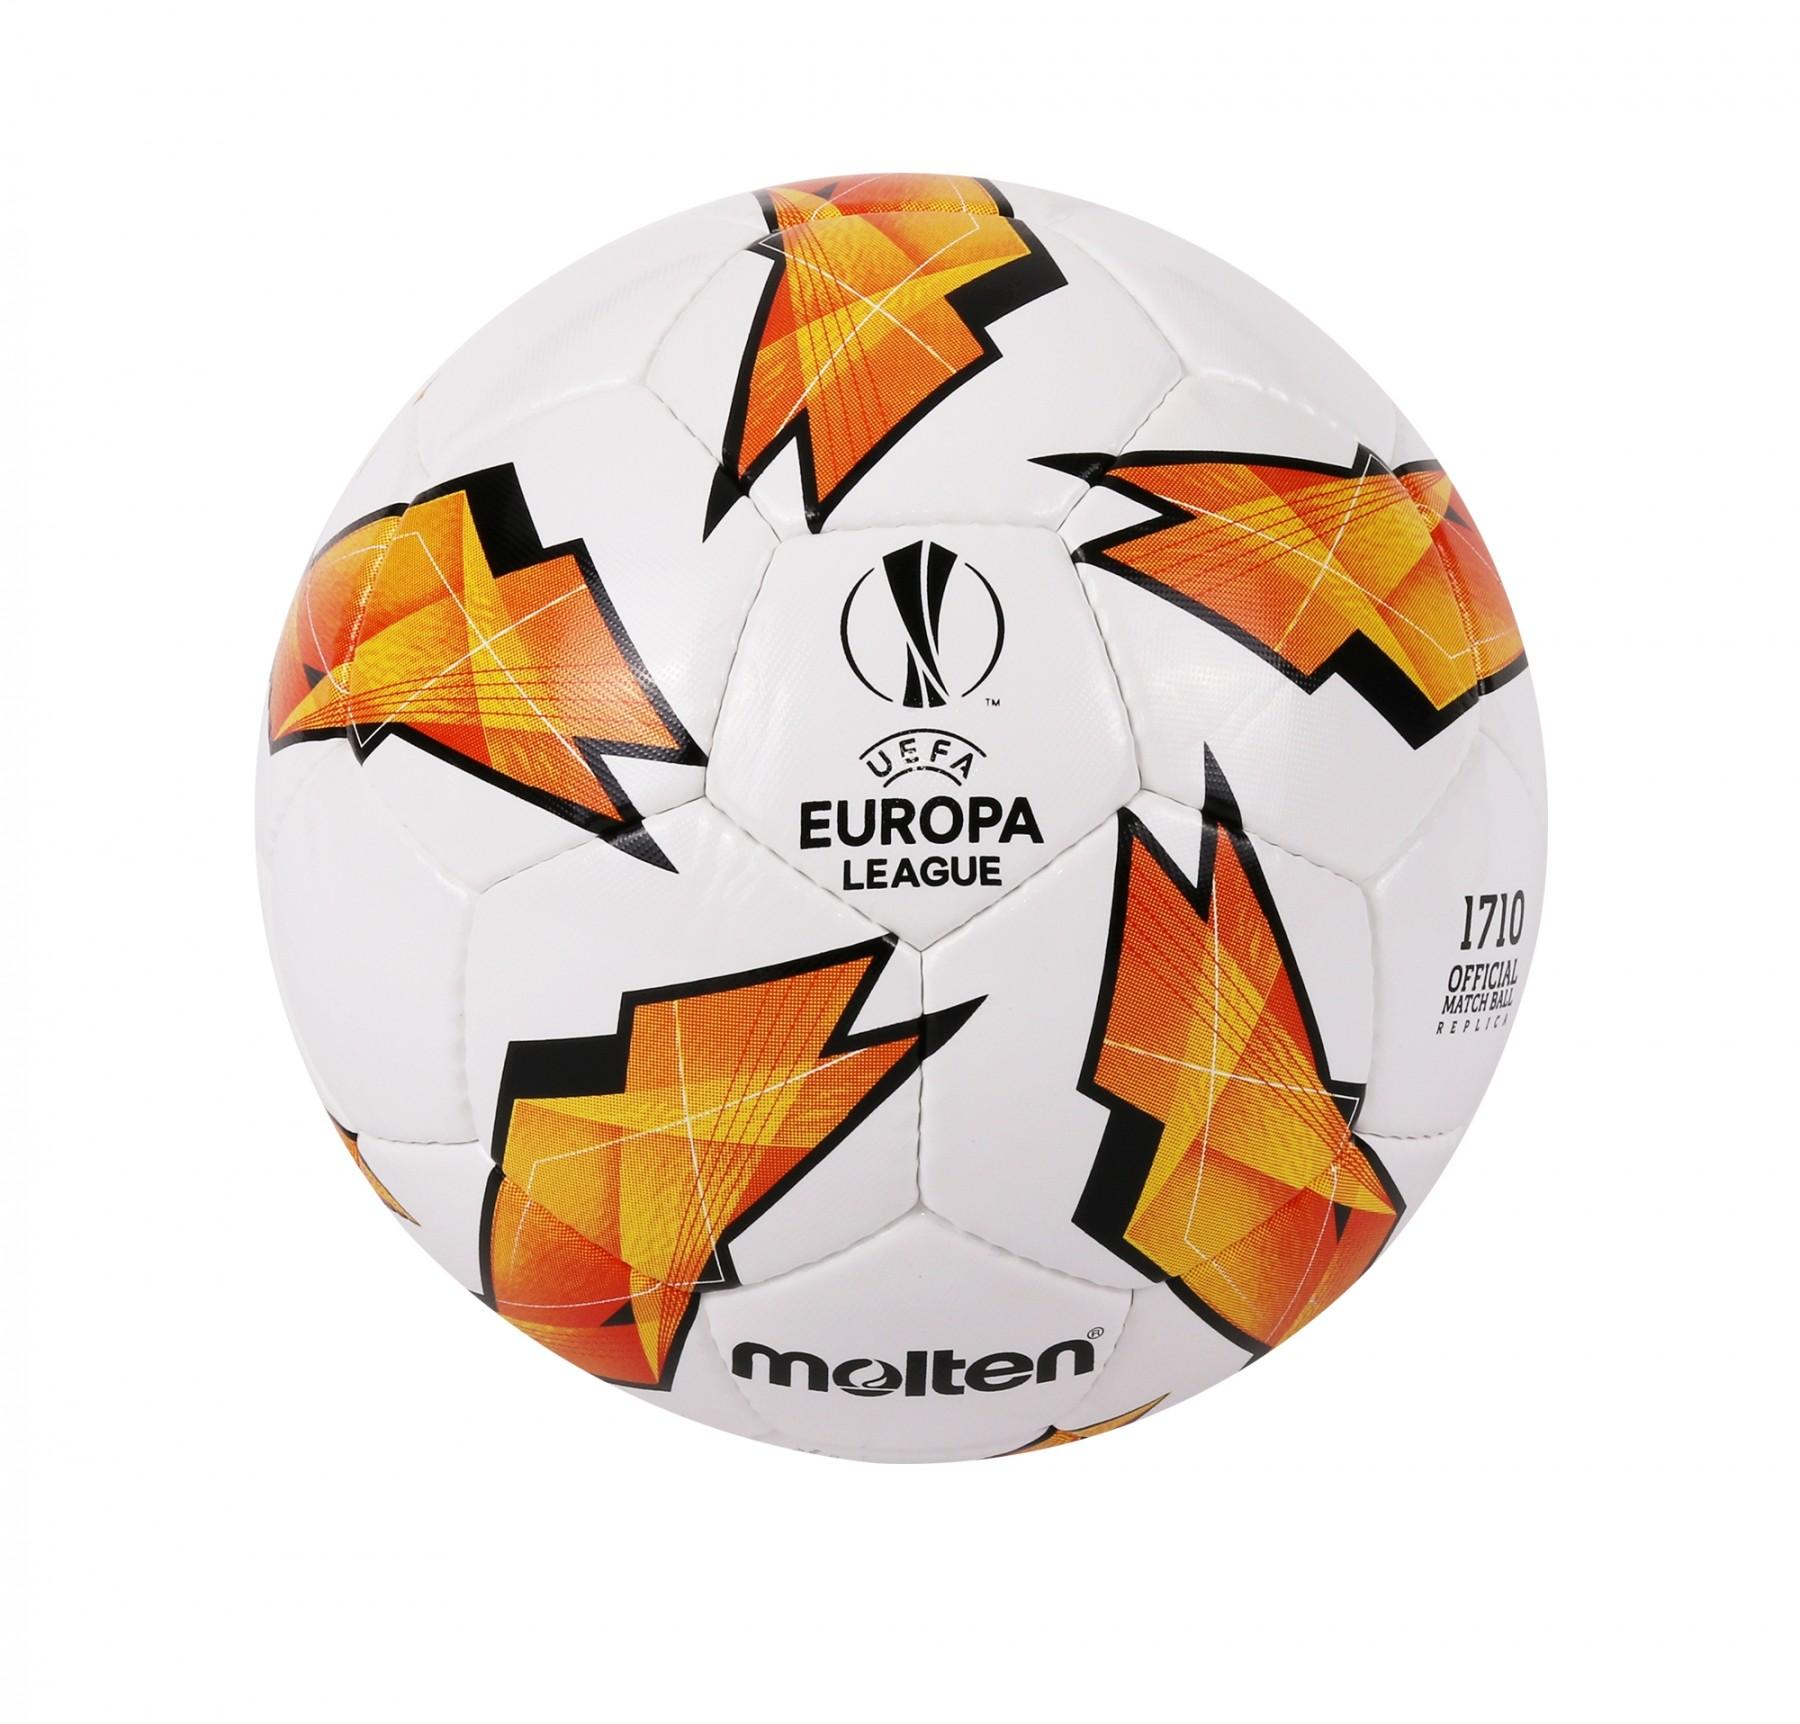 Official Europa League Match Day Ball!